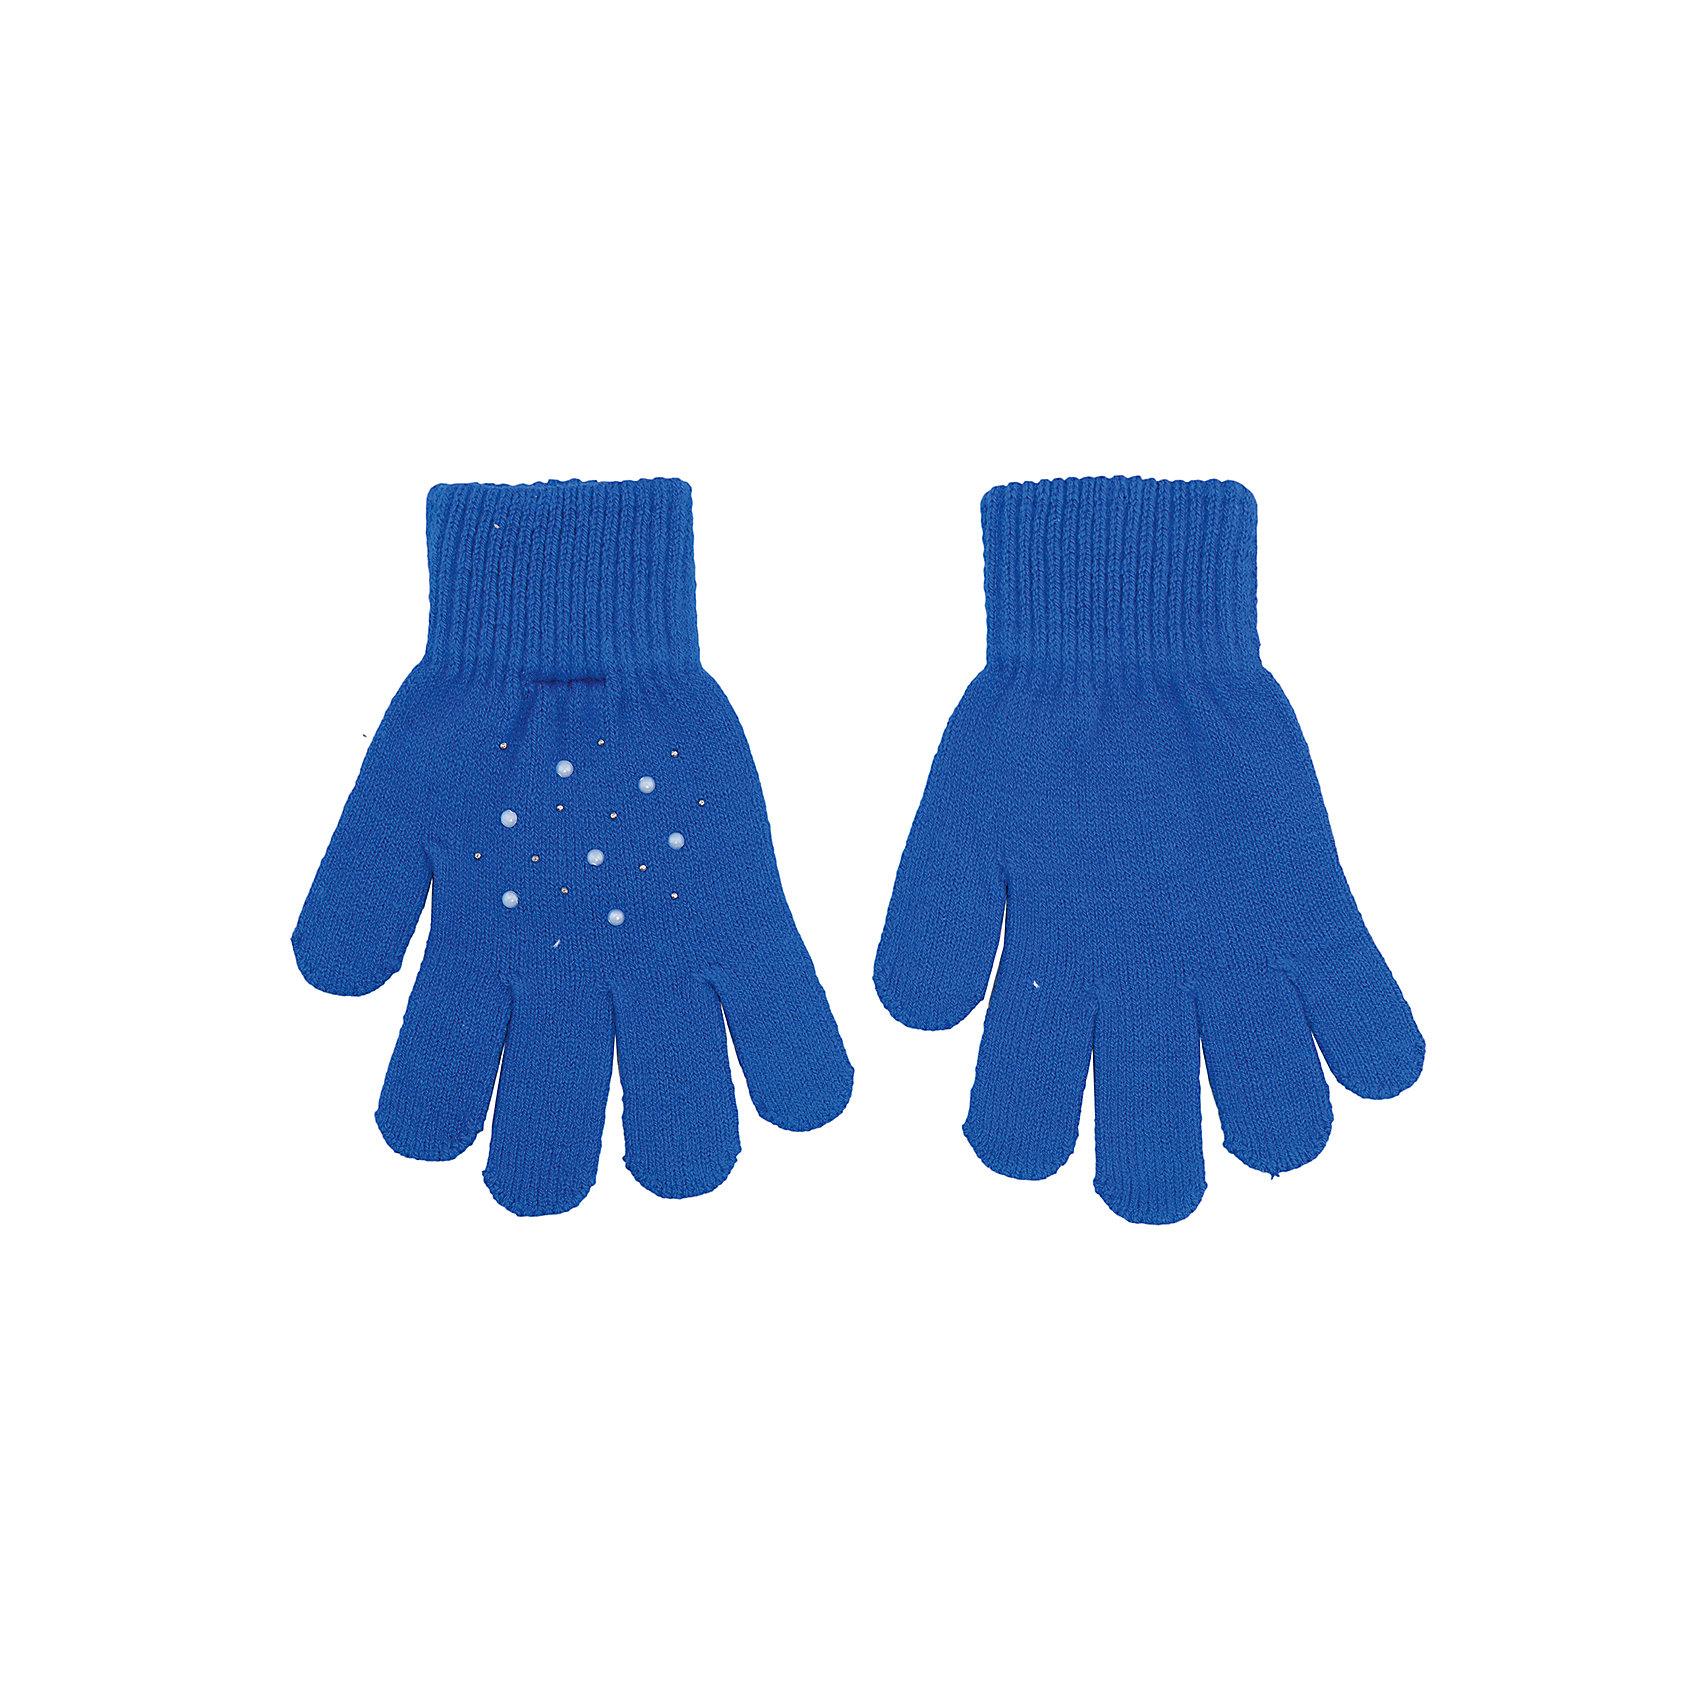 Перчатки для девочки PlayTodayПерчатки, варежки<br>Перчатки для девочки от известного бренда PlayToday.<br>Яркие перчатки из вязаного трикотажа. Украшены россыпью сверкающих страз. Верх на мягкой резинке.<br>Состав:<br>60% хлопок, 40% акрил<br><br>Ширина мм: 162<br>Глубина мм: 171<br>Высота мм: 55<br>Вес г: 119<br>Цвет: синий<br>Возраст от месяцев: 72<br>Возраст до месяцев: 96<br>Пол: Женский<br>Возраст: Детский<br>Размер: 15,13,14<br>SKU: 4898458